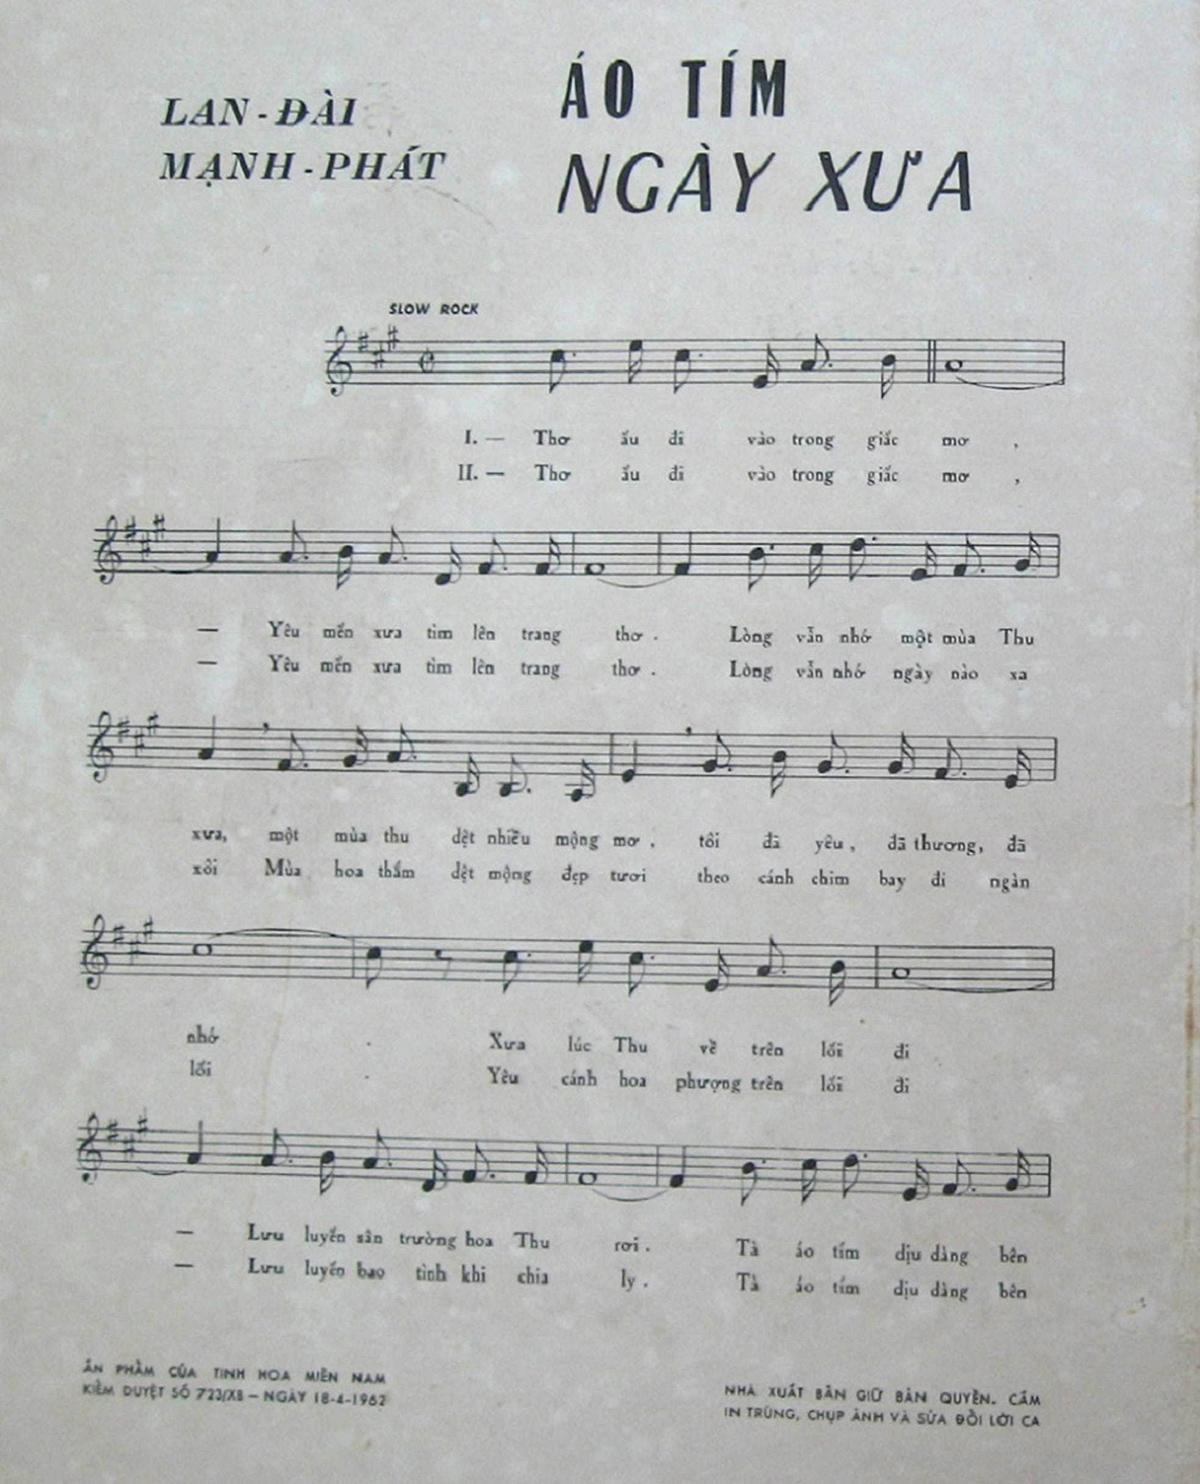 Sheet nhạc bài hát áo tím ngày xưa 2